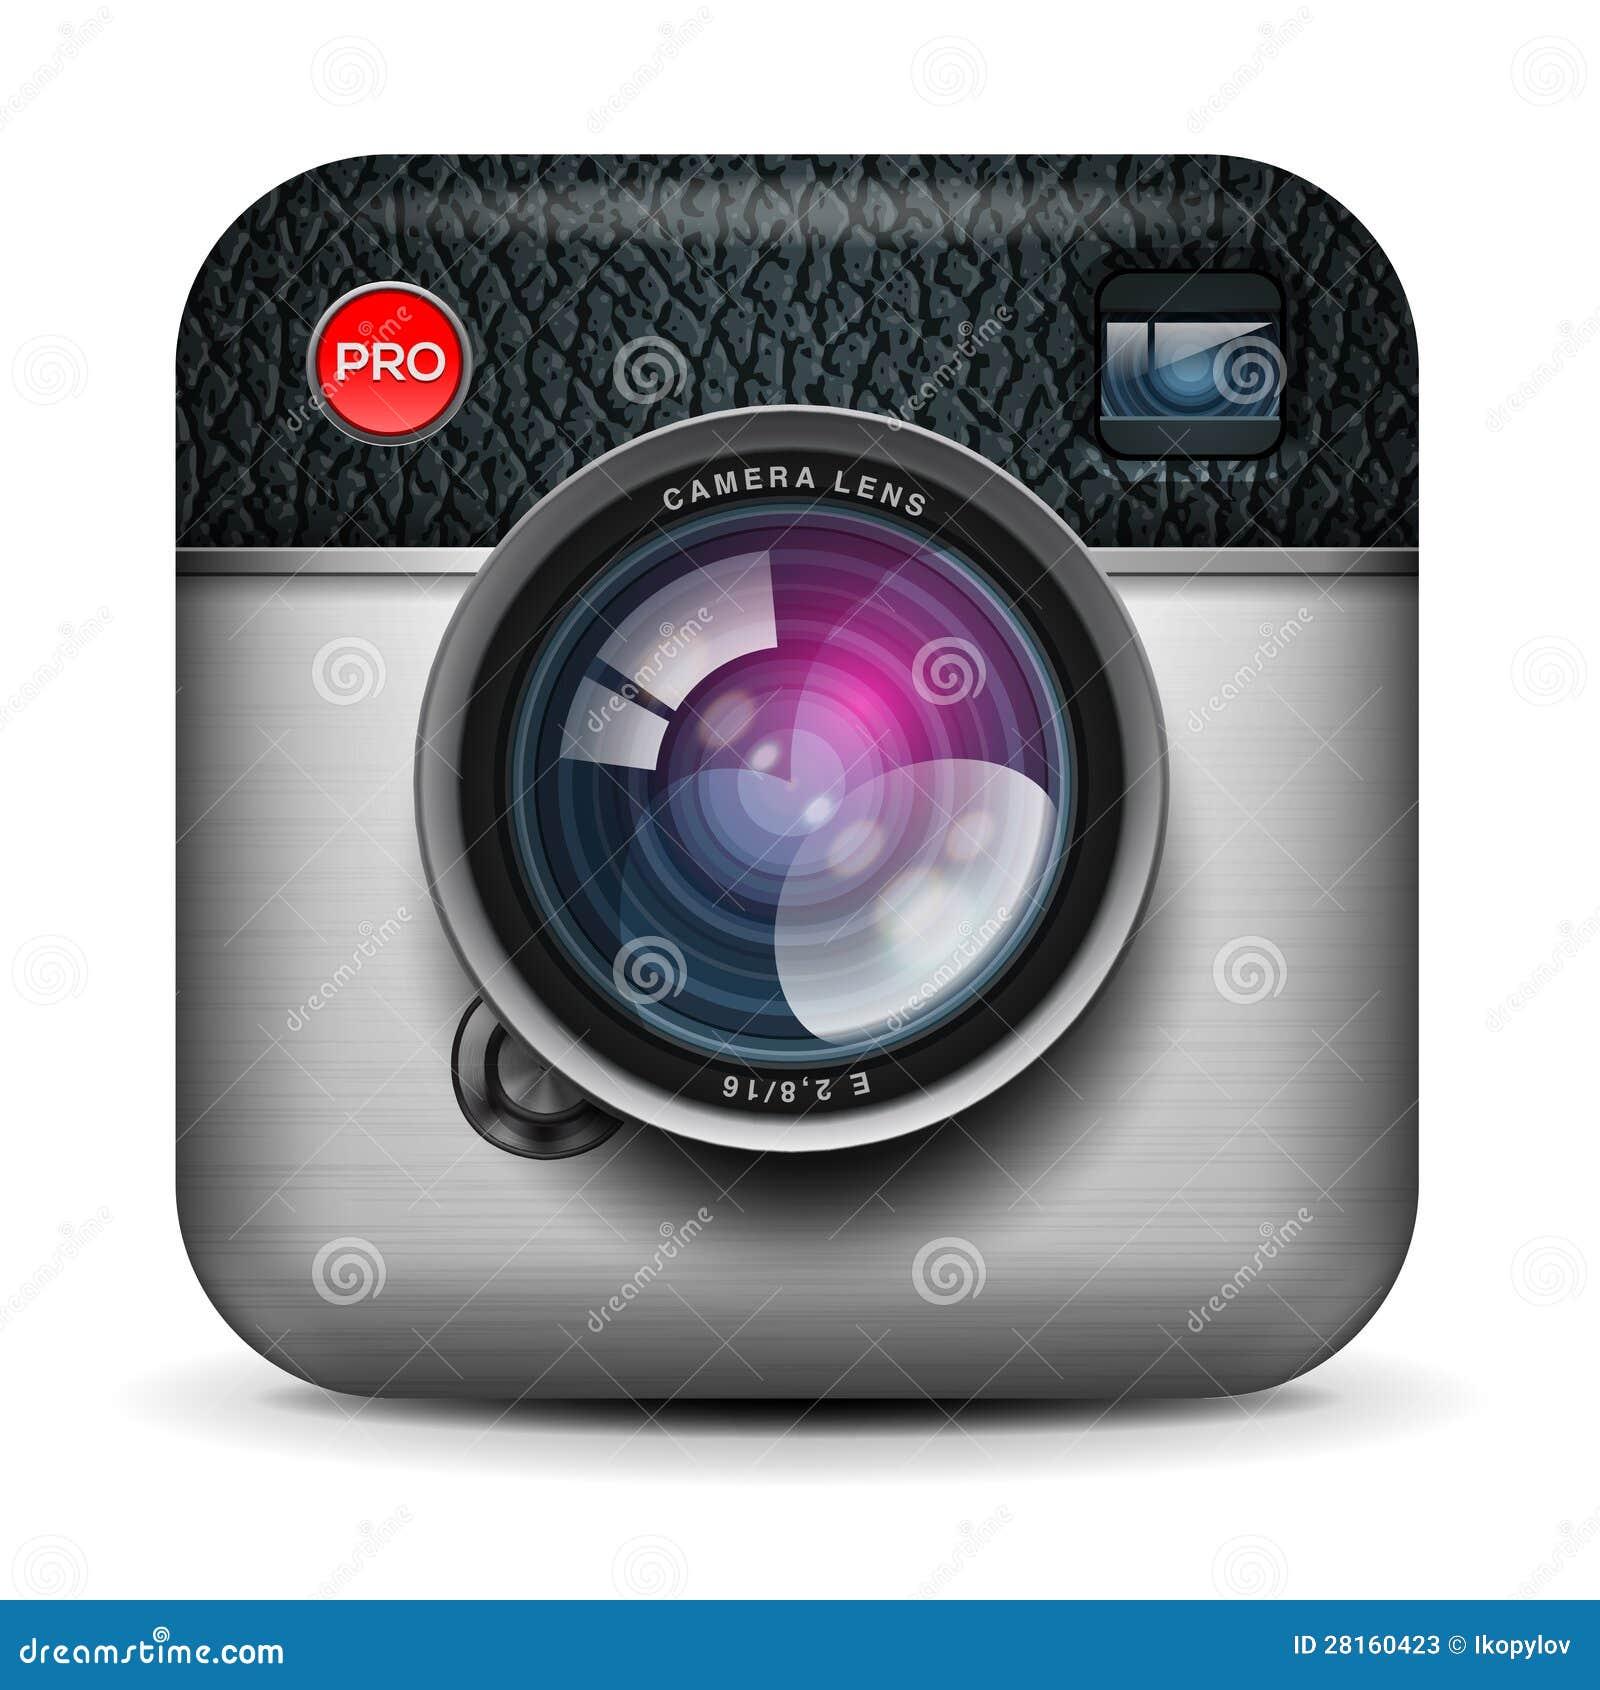 Vintage photo camera icon, vector Eps10 image